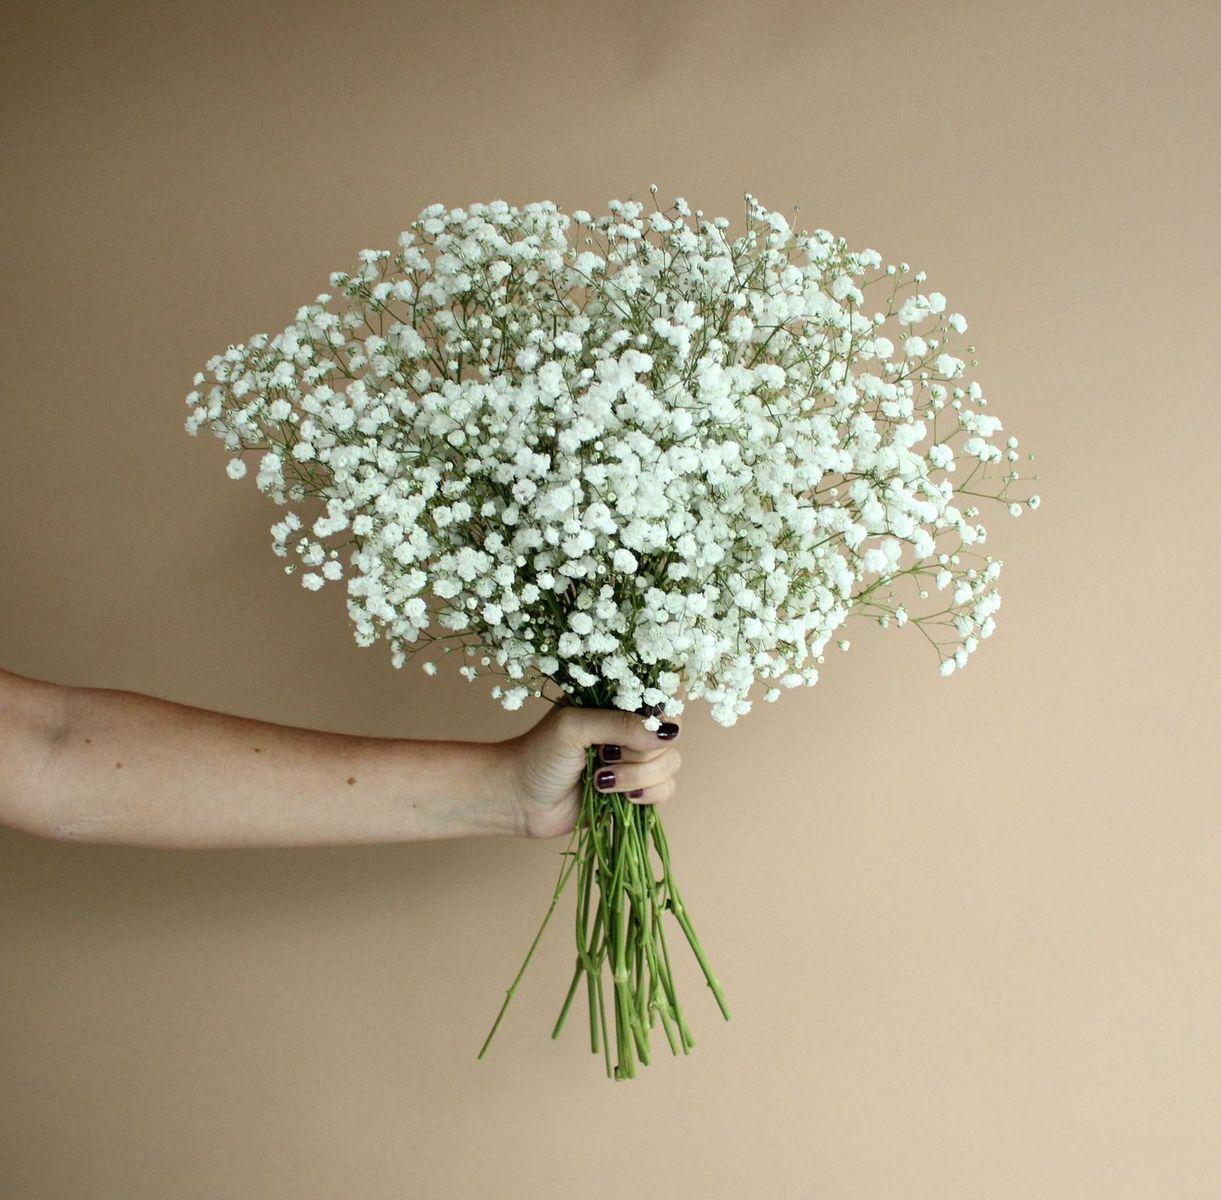 Baby S Breath Flowerdefault Title Fresh Wedding Flowers Babys Breath Flowers Wedding Flower Arrangements